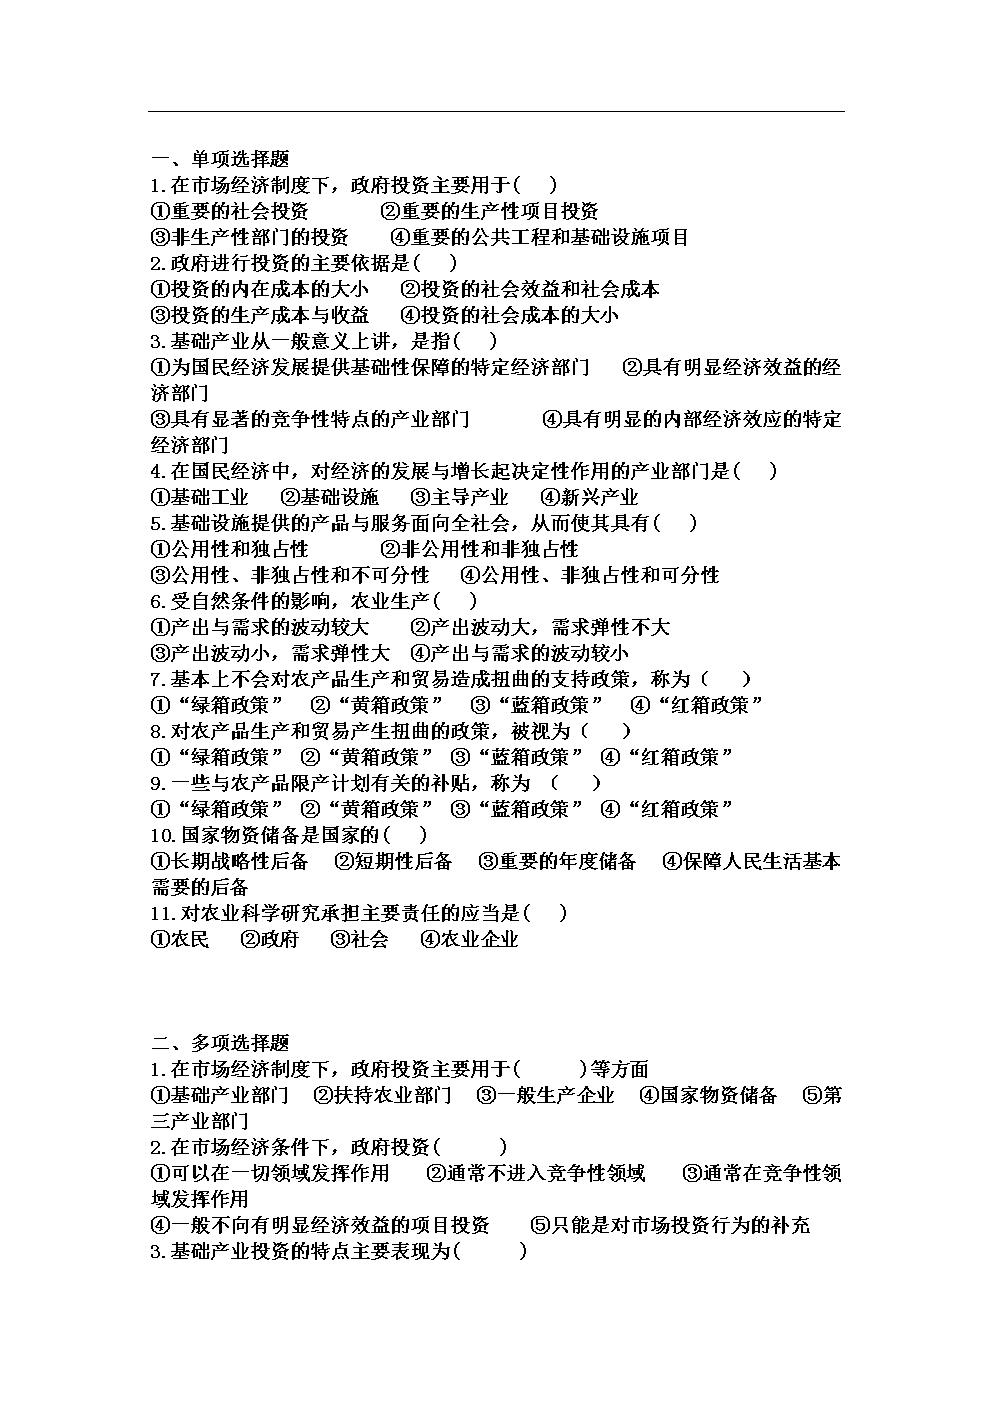 【实用资料】政府投资性支出复习题.doc